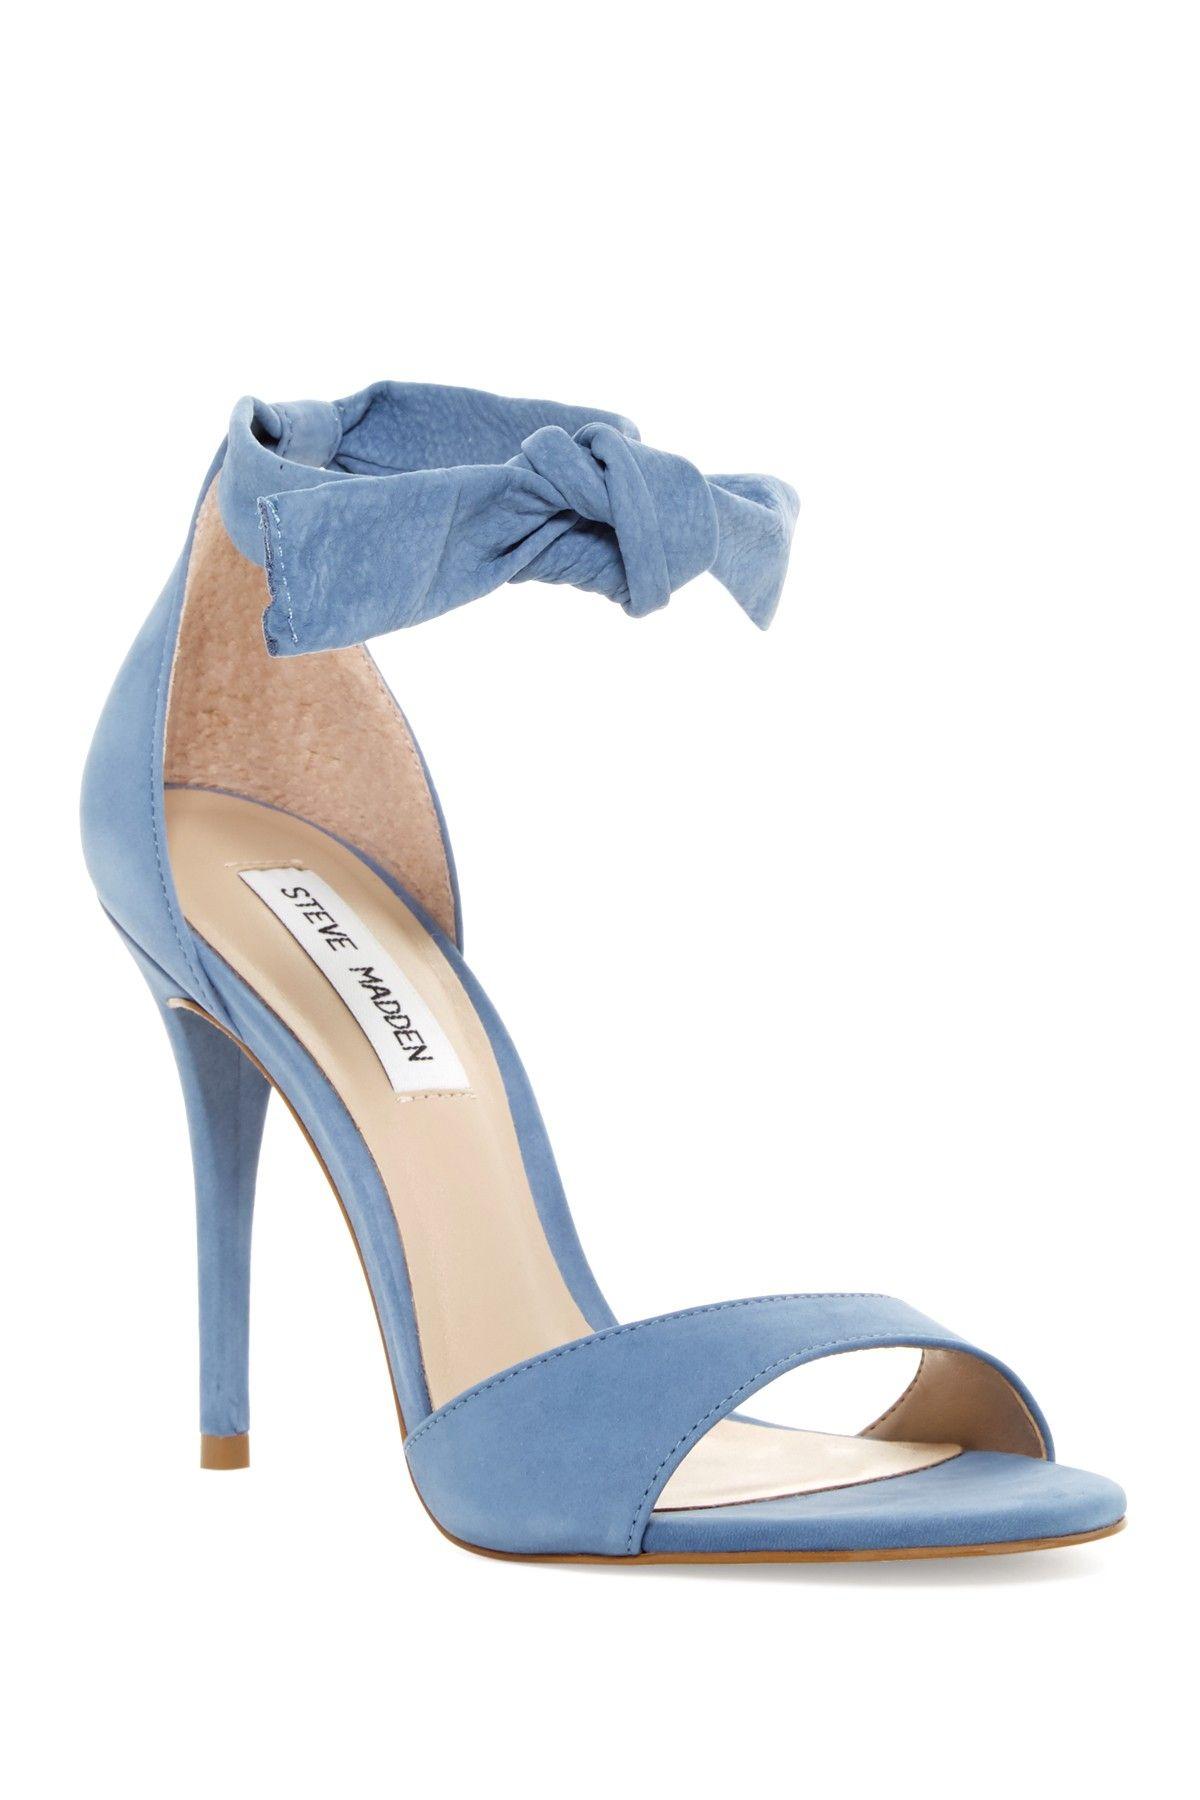 5c27e826d04c Bowwtye Heel Sandal